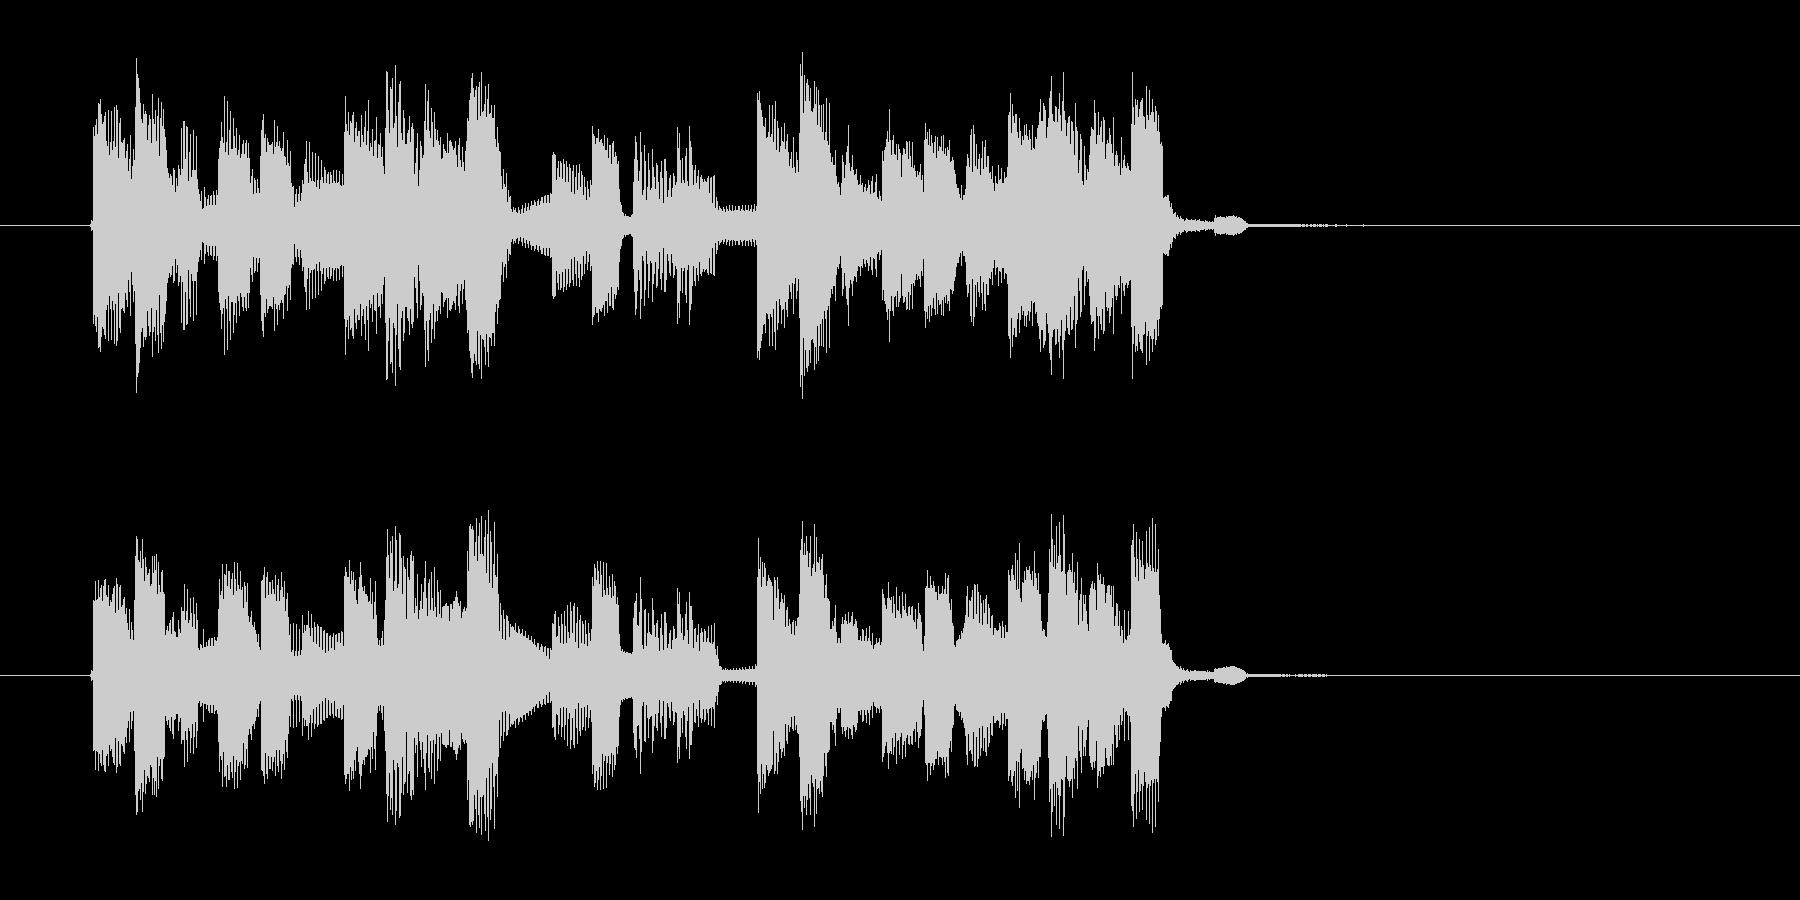 ポップで緩やかなシンセジングルの未再生の波形